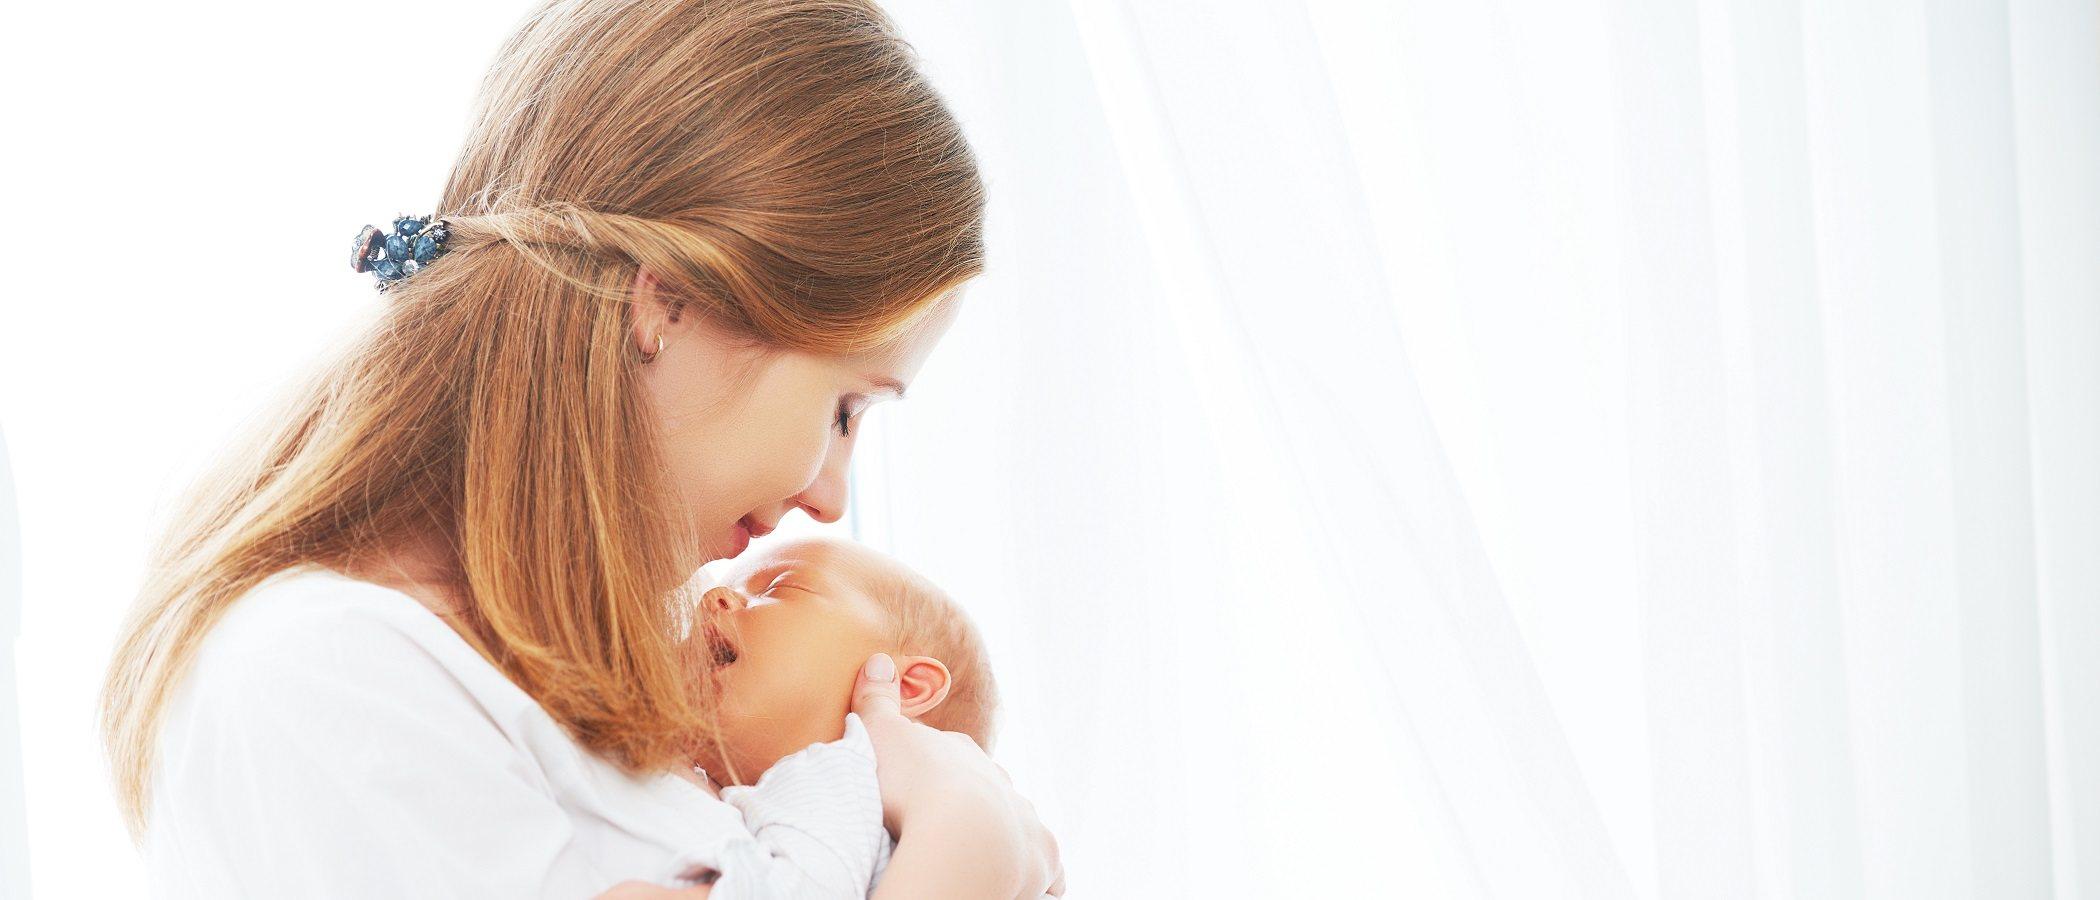 Tratamiento de labios agrietados en un recién nacido